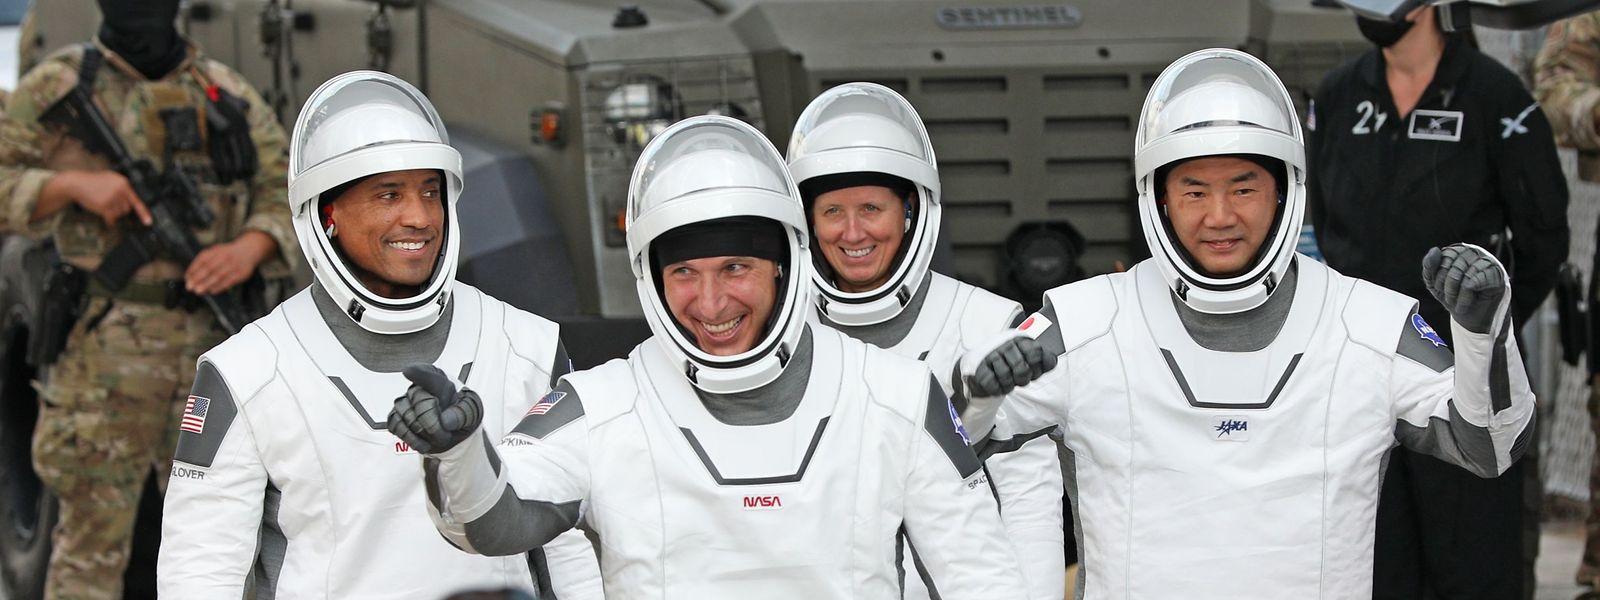 Trois astronautes américains Victor Glover, Michael Hopkins, Shannon Walker et un japonais  Soichi Noguchi, resteront six mois dans la Station spatiale internationale (ISS).